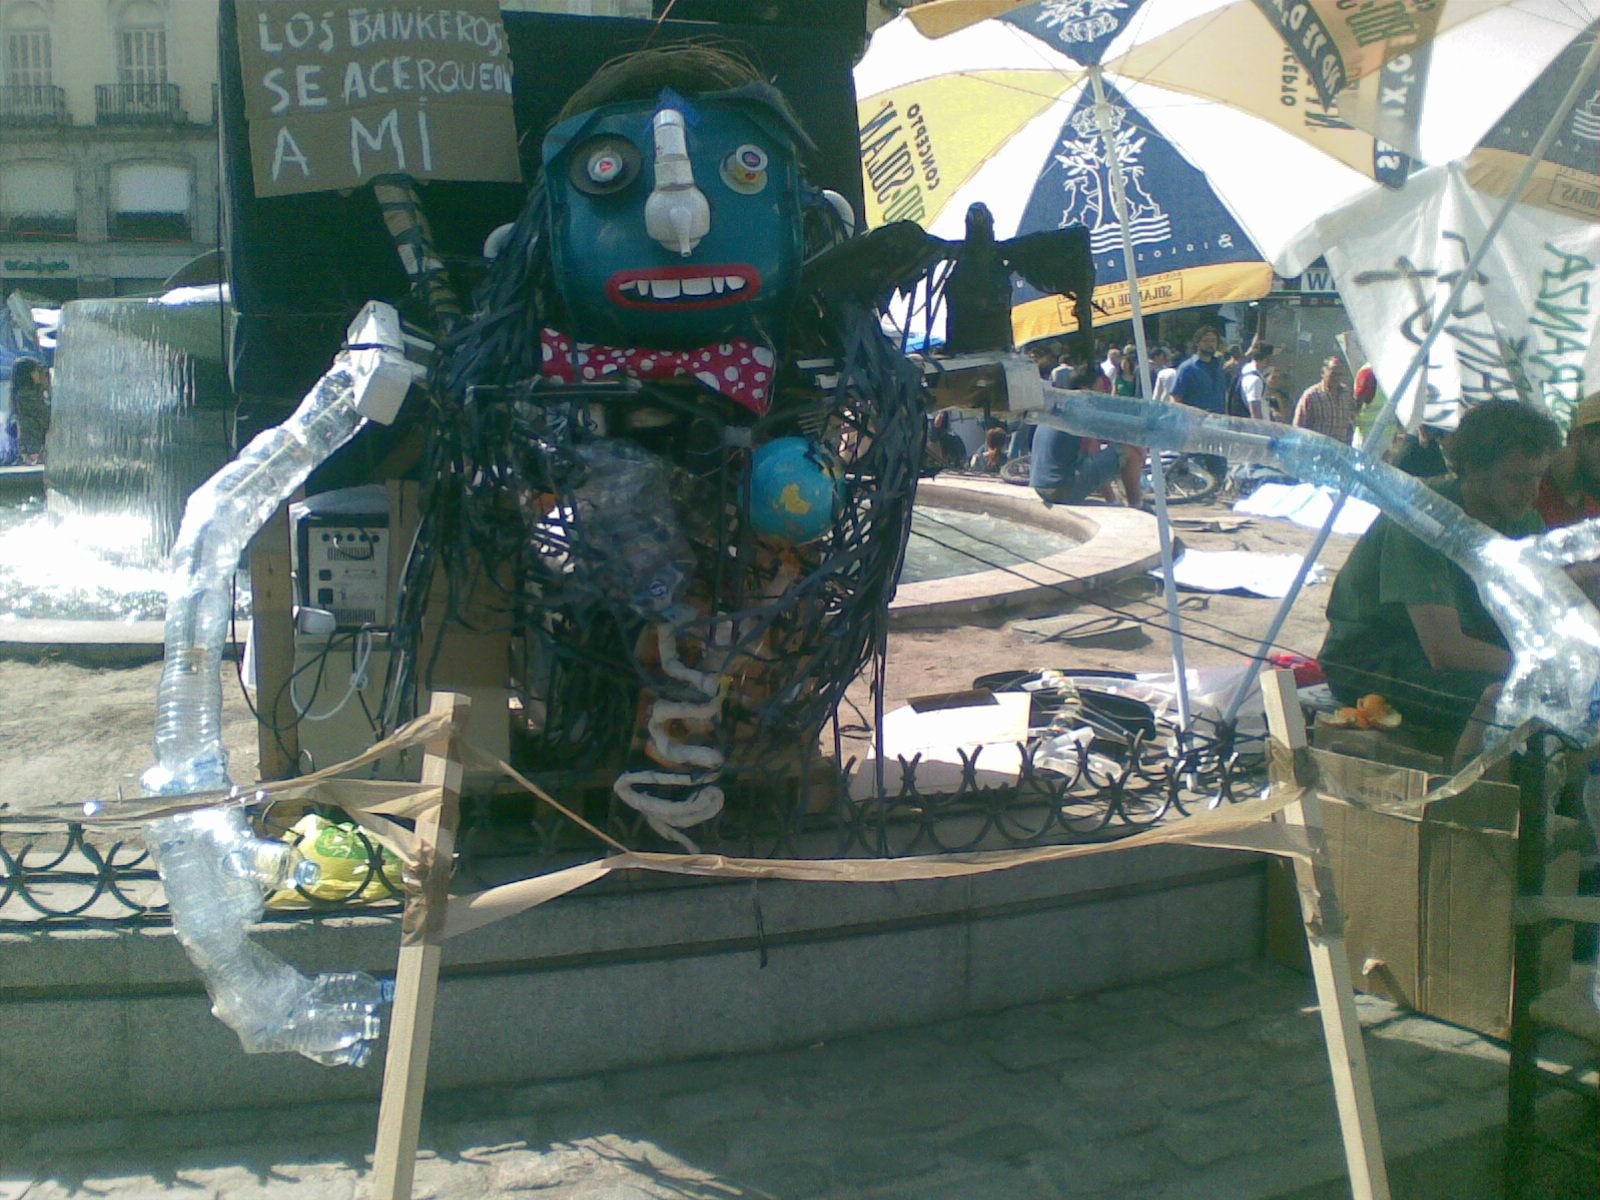 Escultura hecha de basura  - Campamento 15M Puerta del Sol.